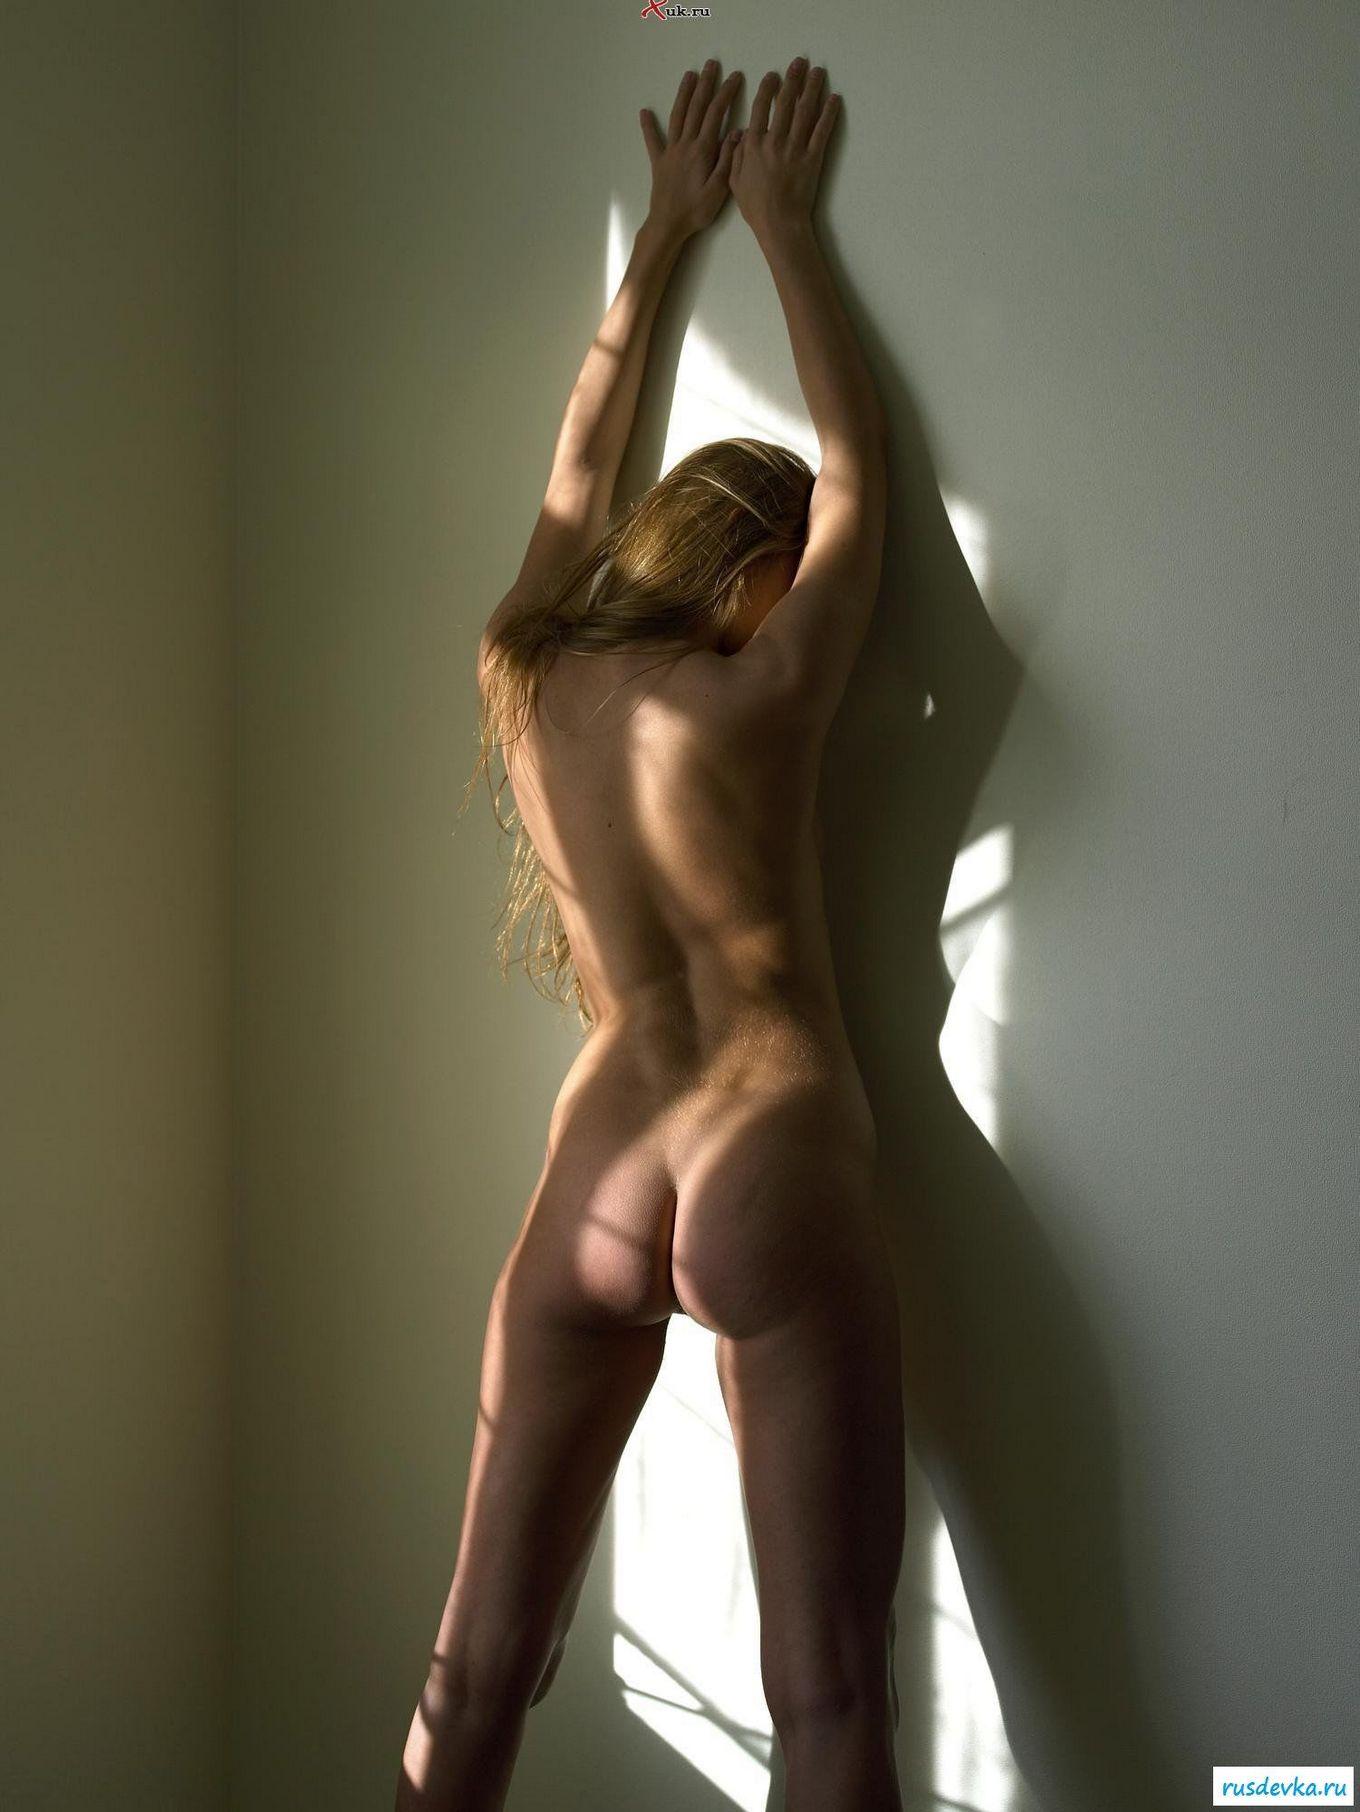 Красавица купается в солнечном свете